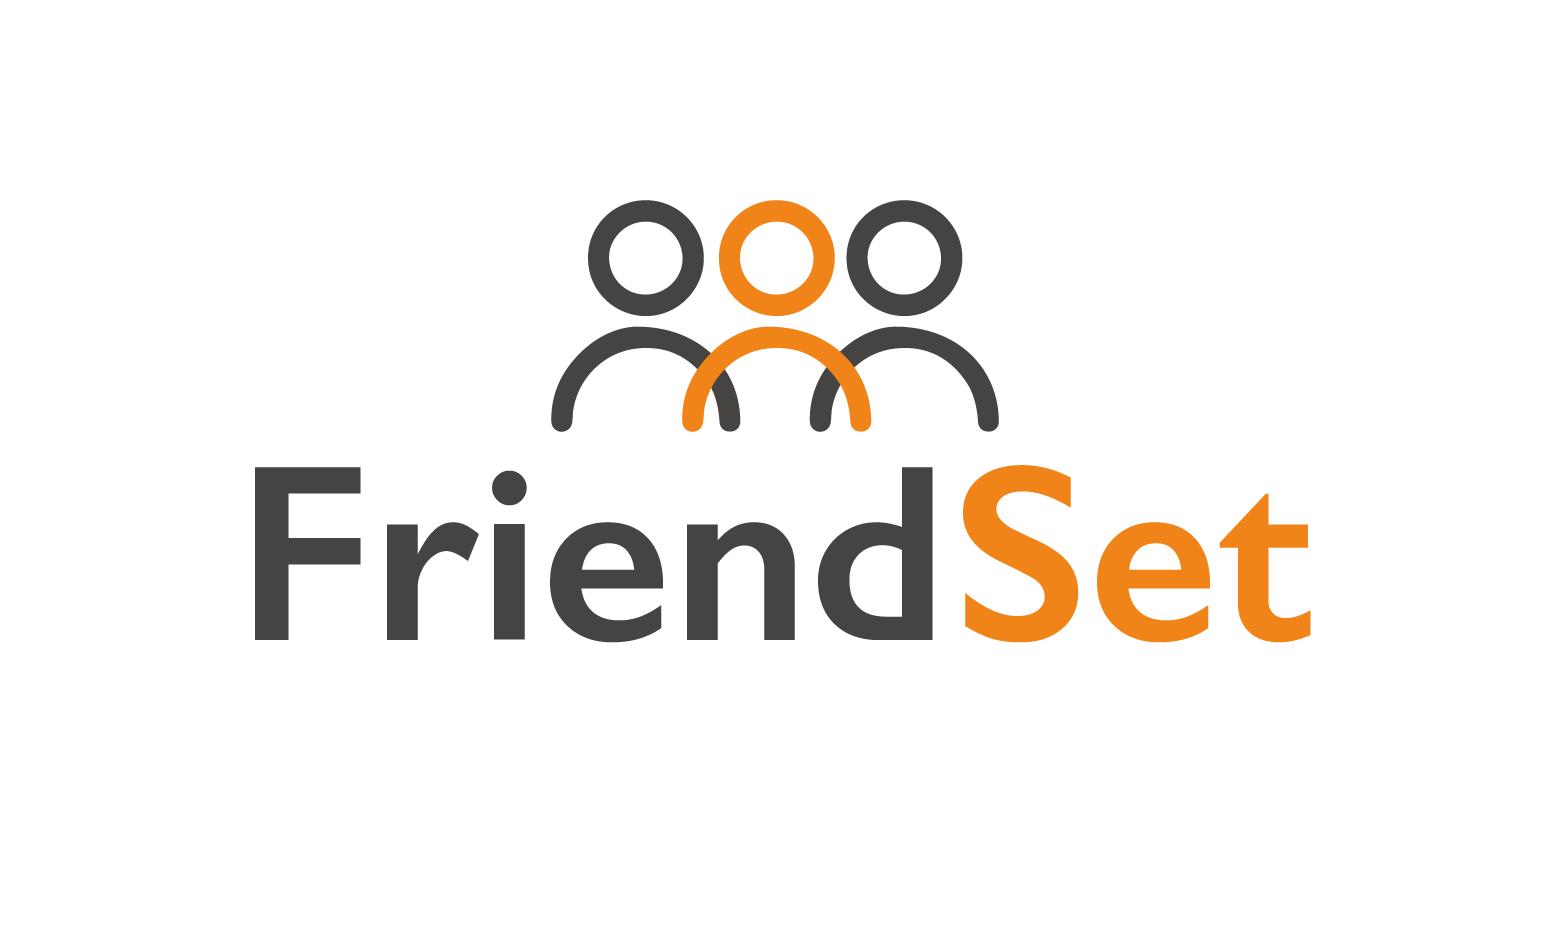 FriendSet.com